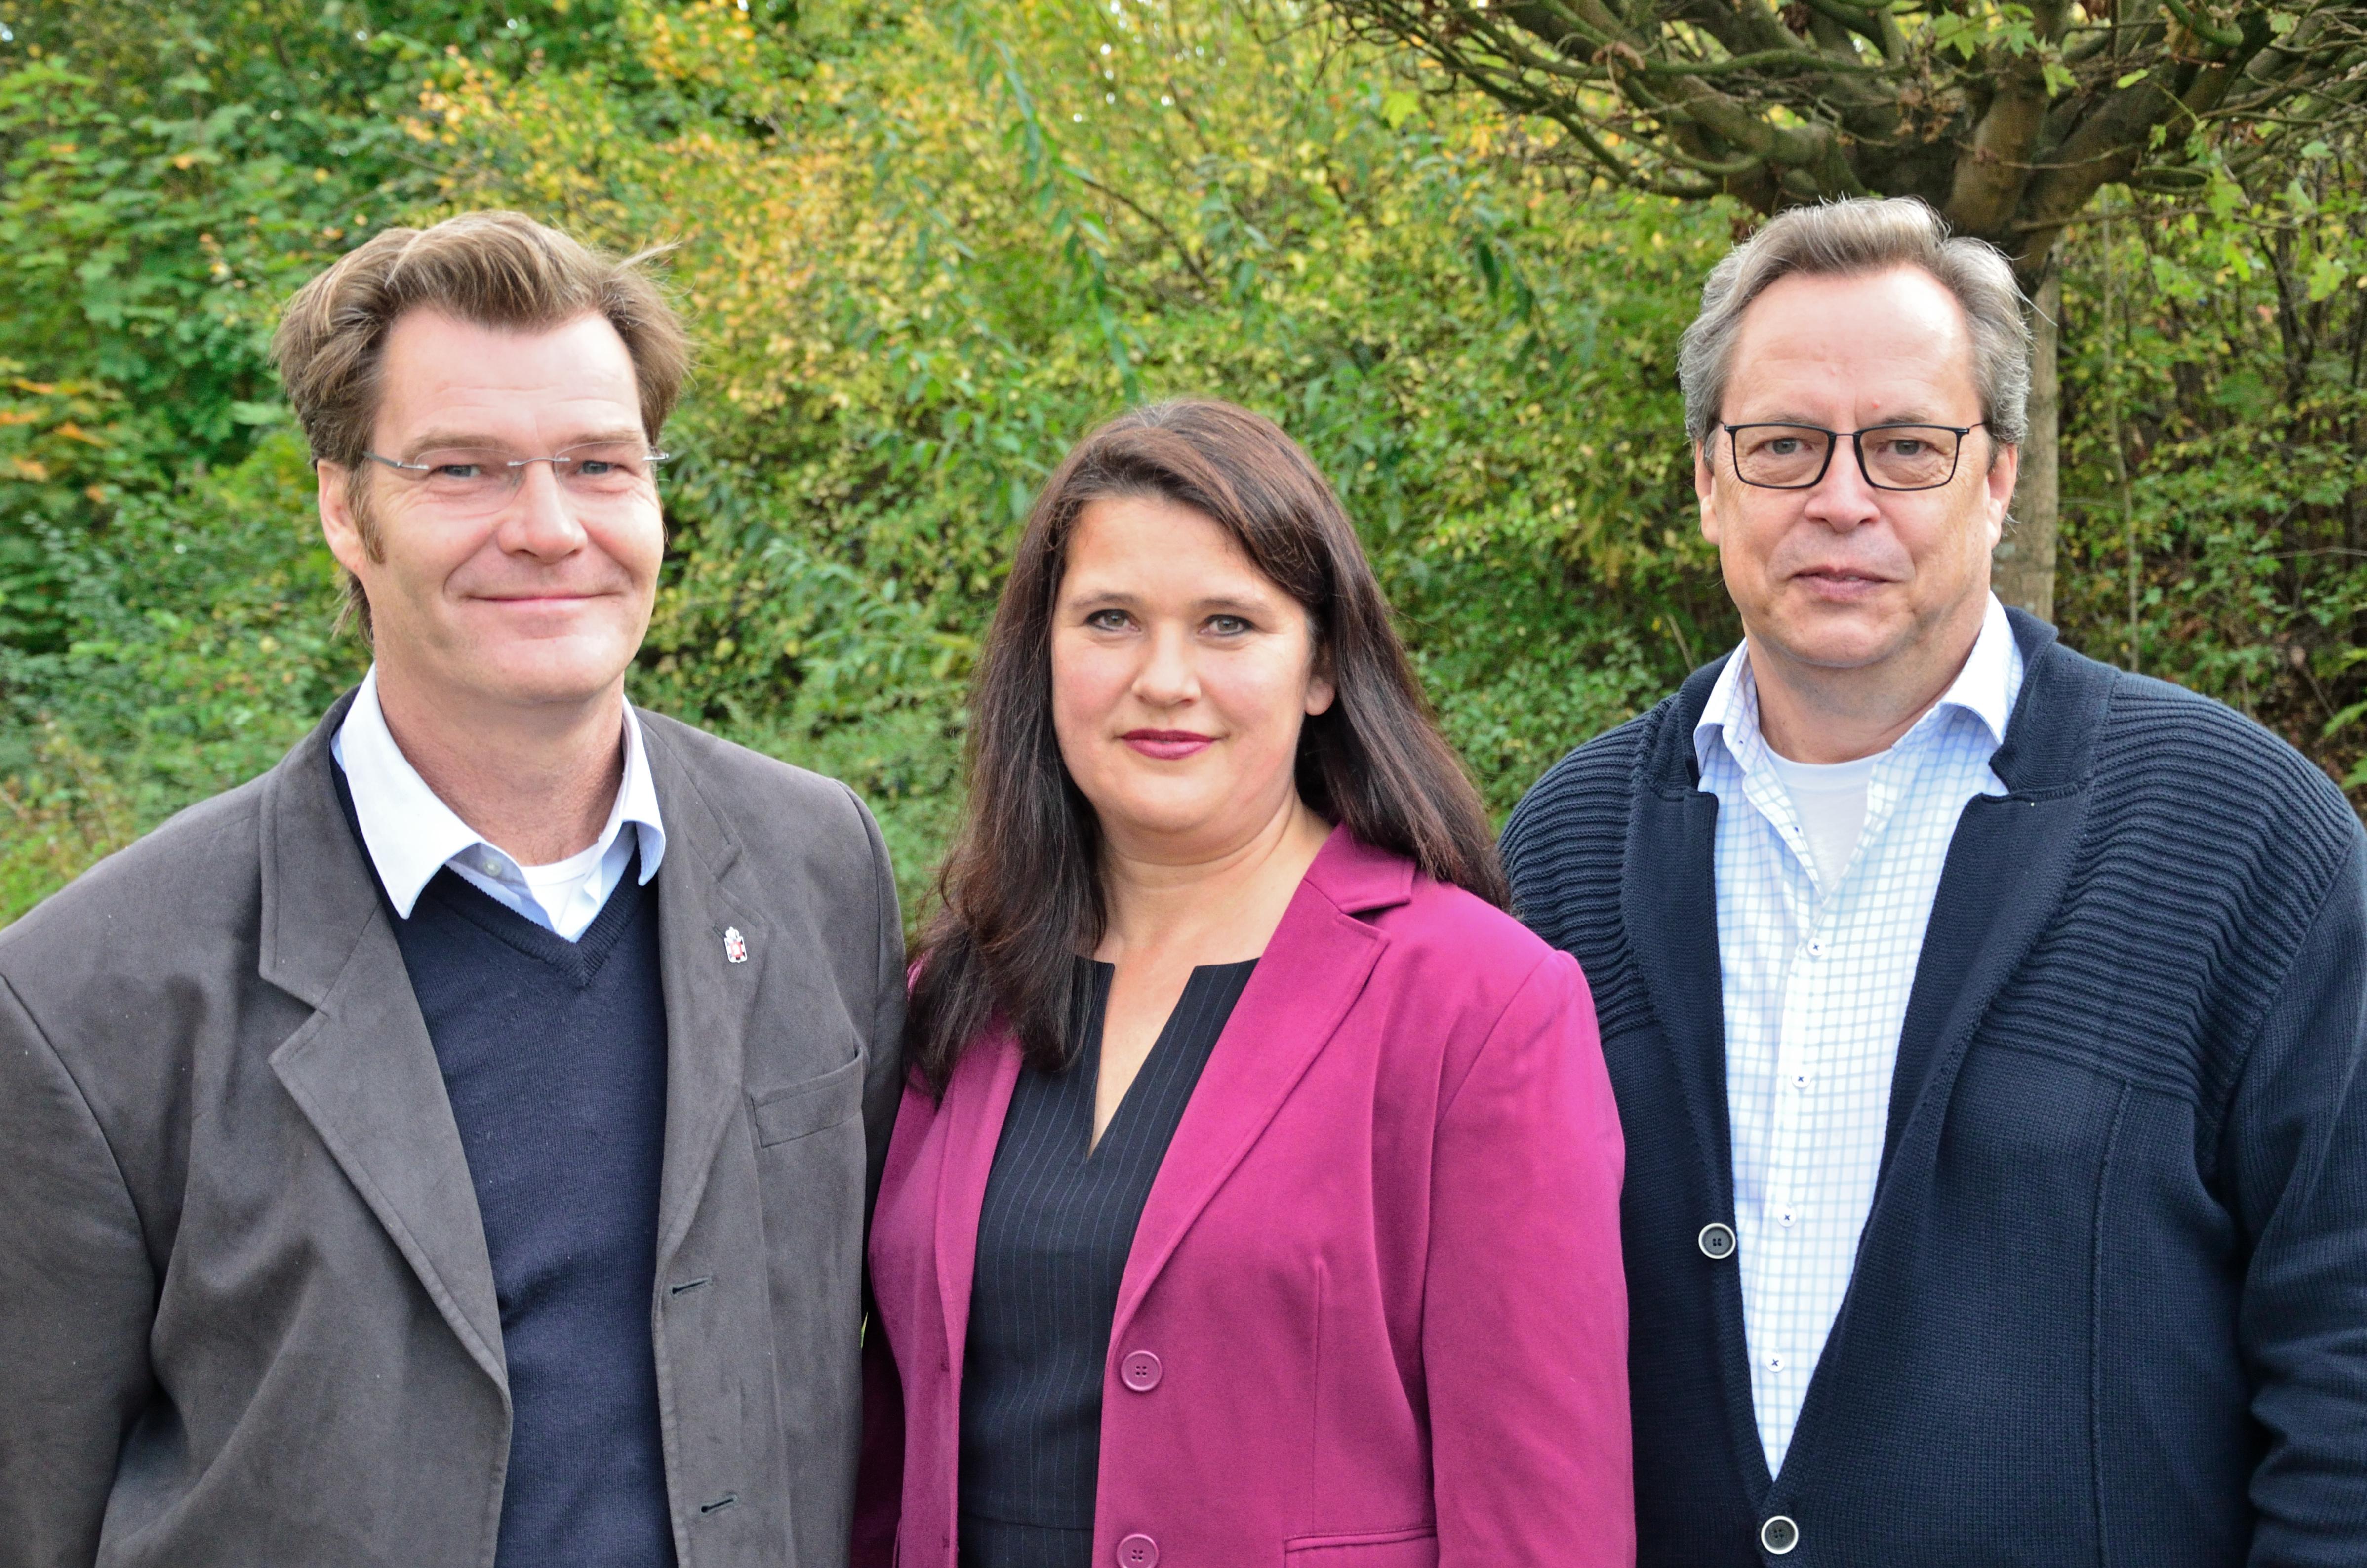 Amtsvorsteherin Falkenberg und ihre Stellvertreter Suhk und Edler